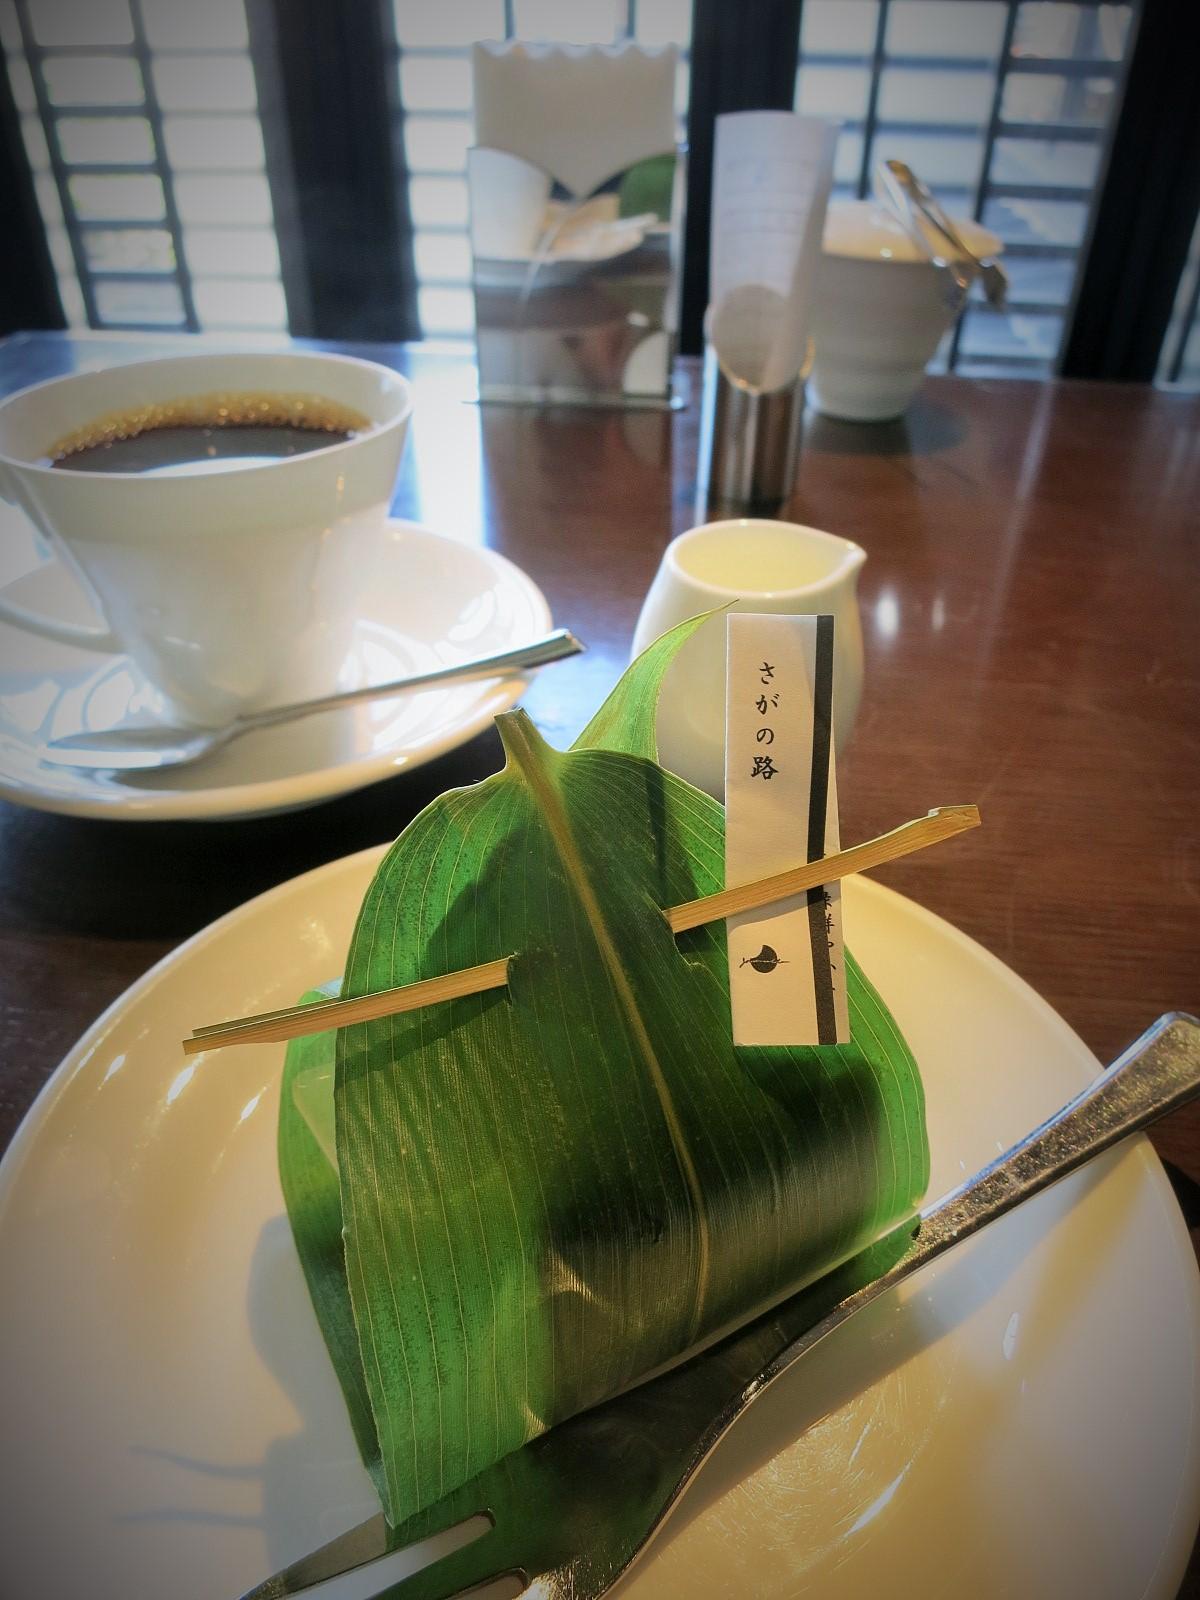 京都で朝活③ 京洋菓子司ジュヴァンセル*スイーツカフェ_f0236260_12524353.jpg